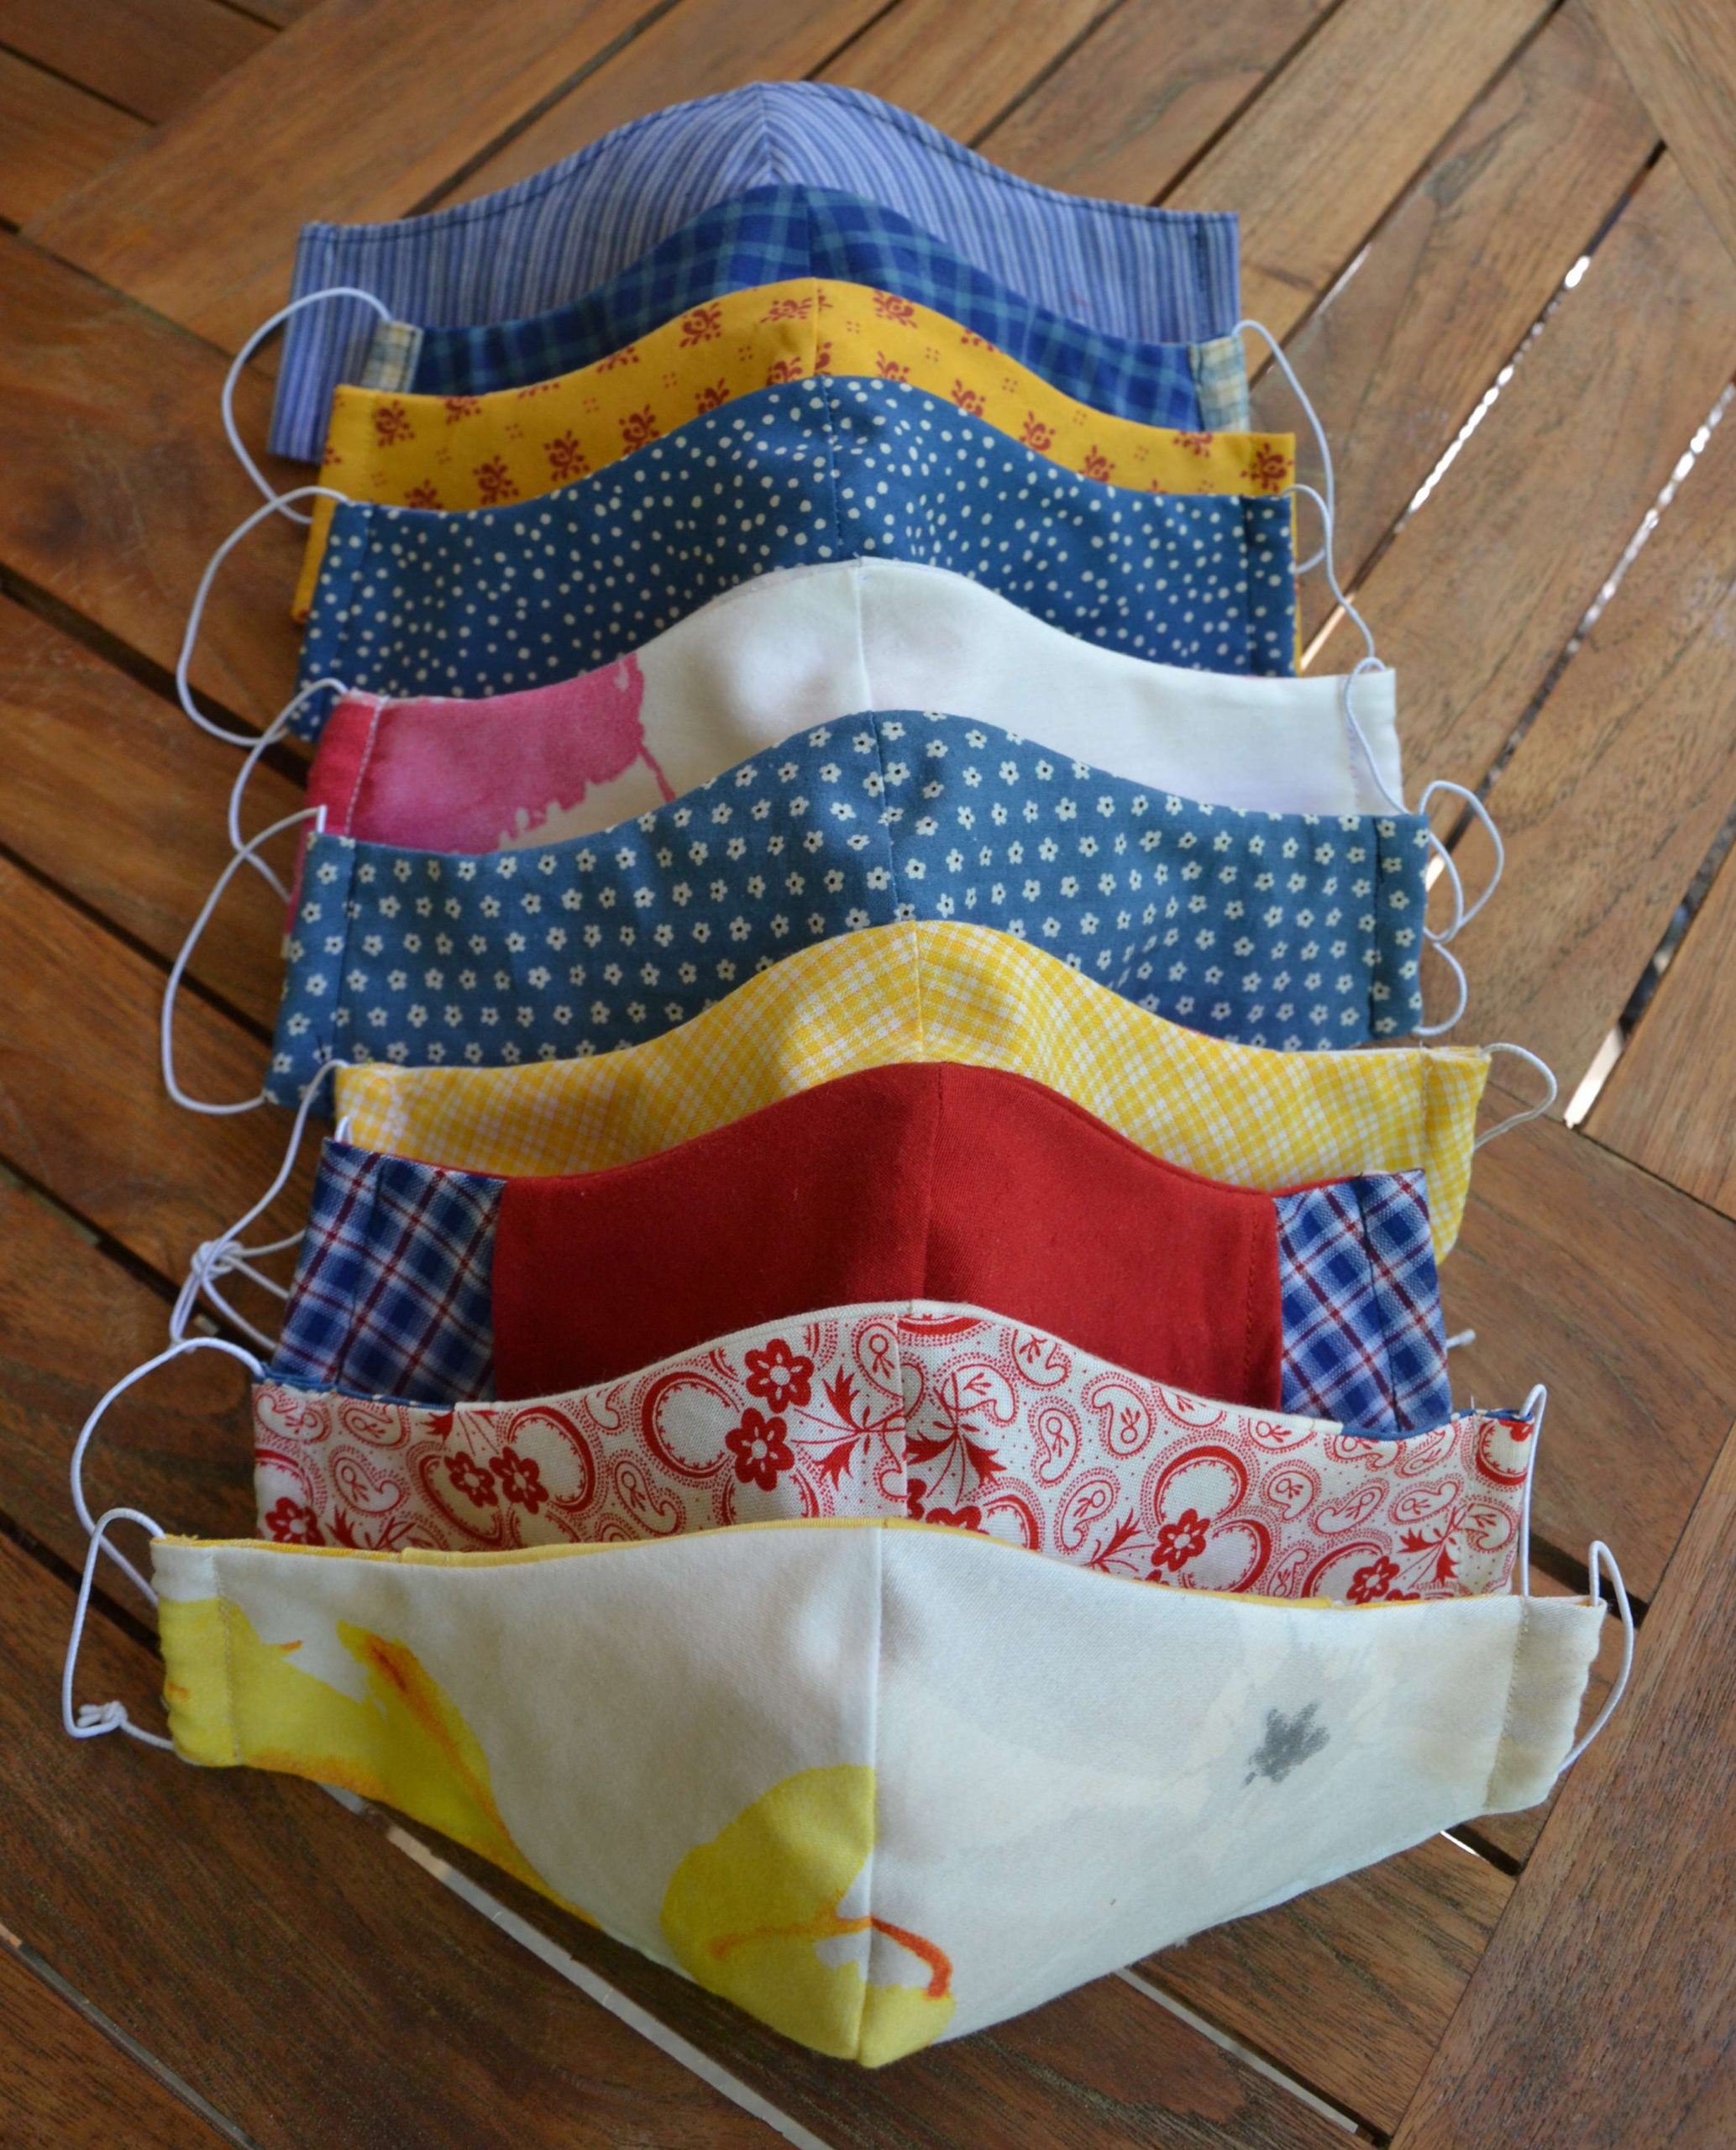 Stapel von 9 Behelfsmasken in Gelb, Blau und Rot. Gemusterte und unifarbene Stoffe.